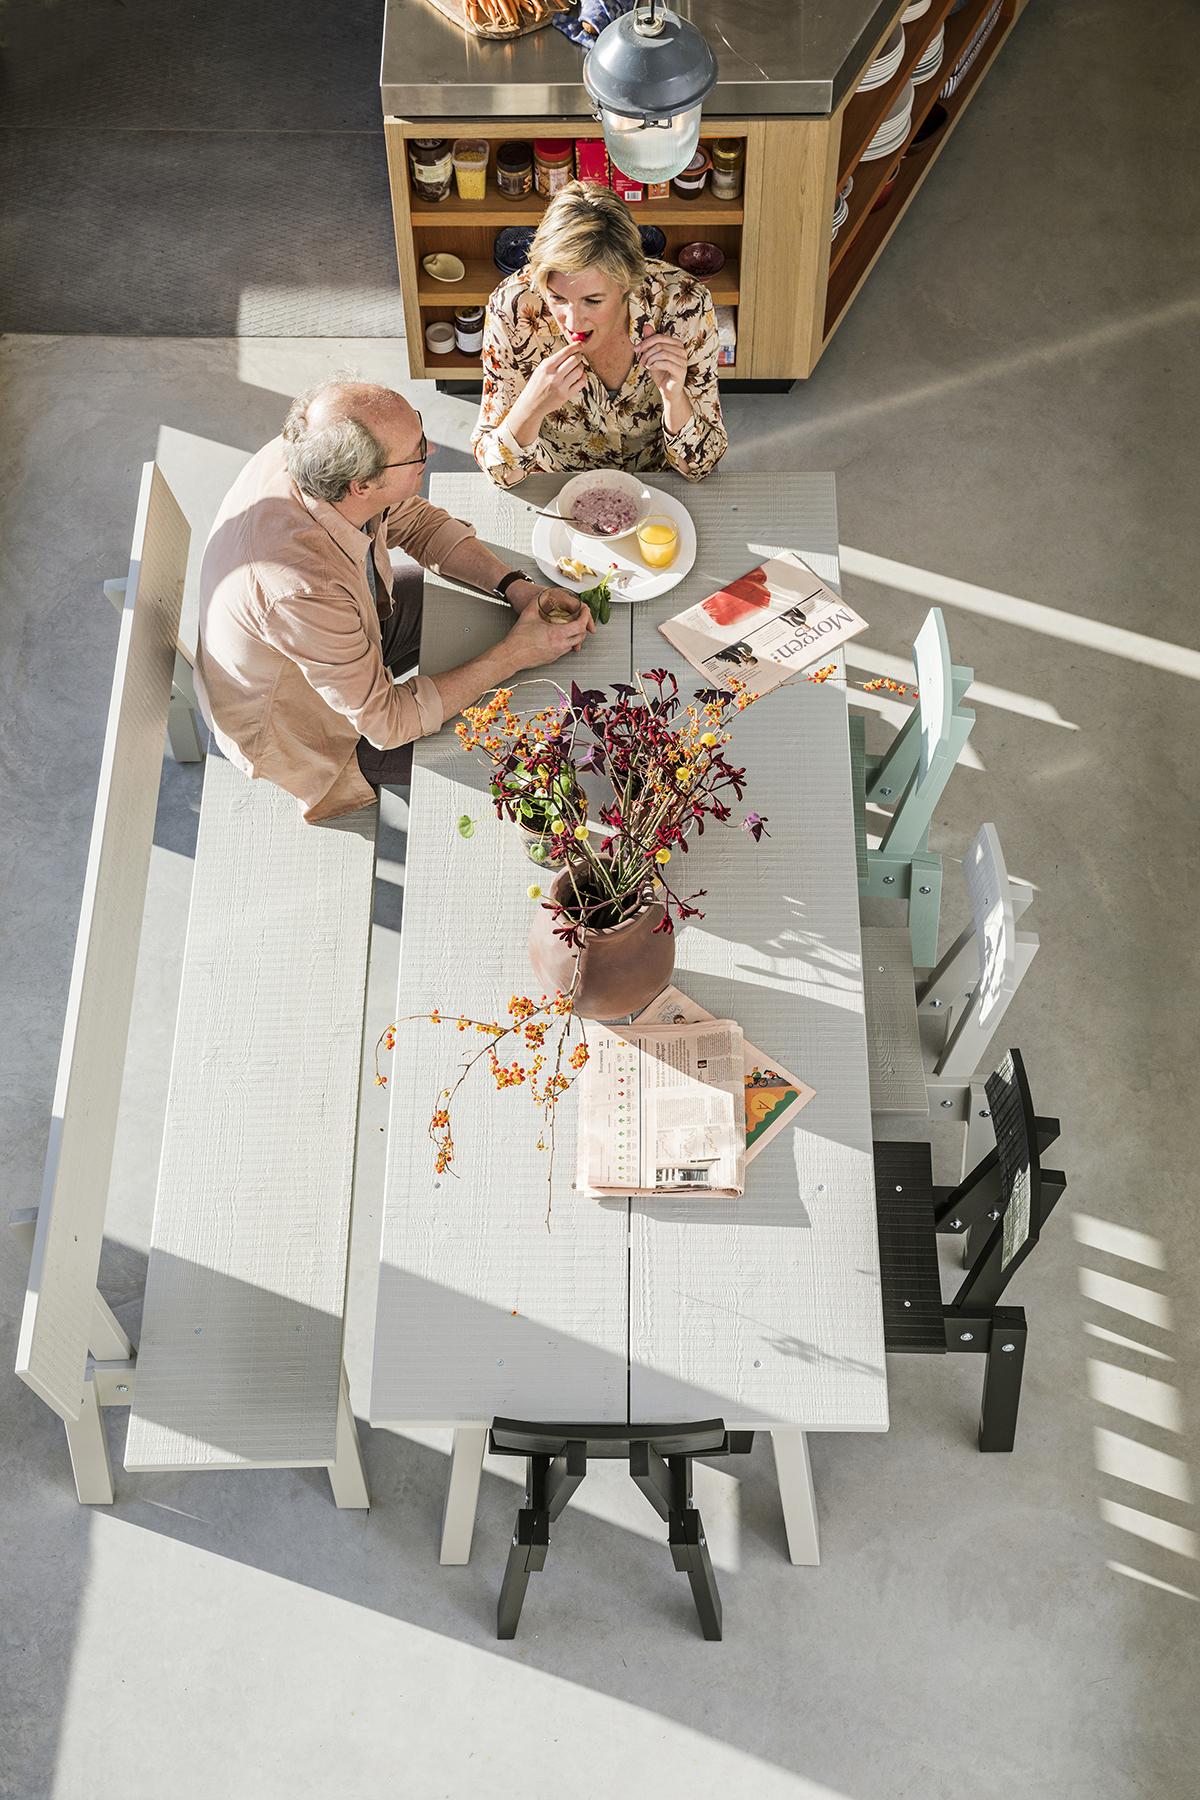 Industriell from Piet Hein Eek for IKEA